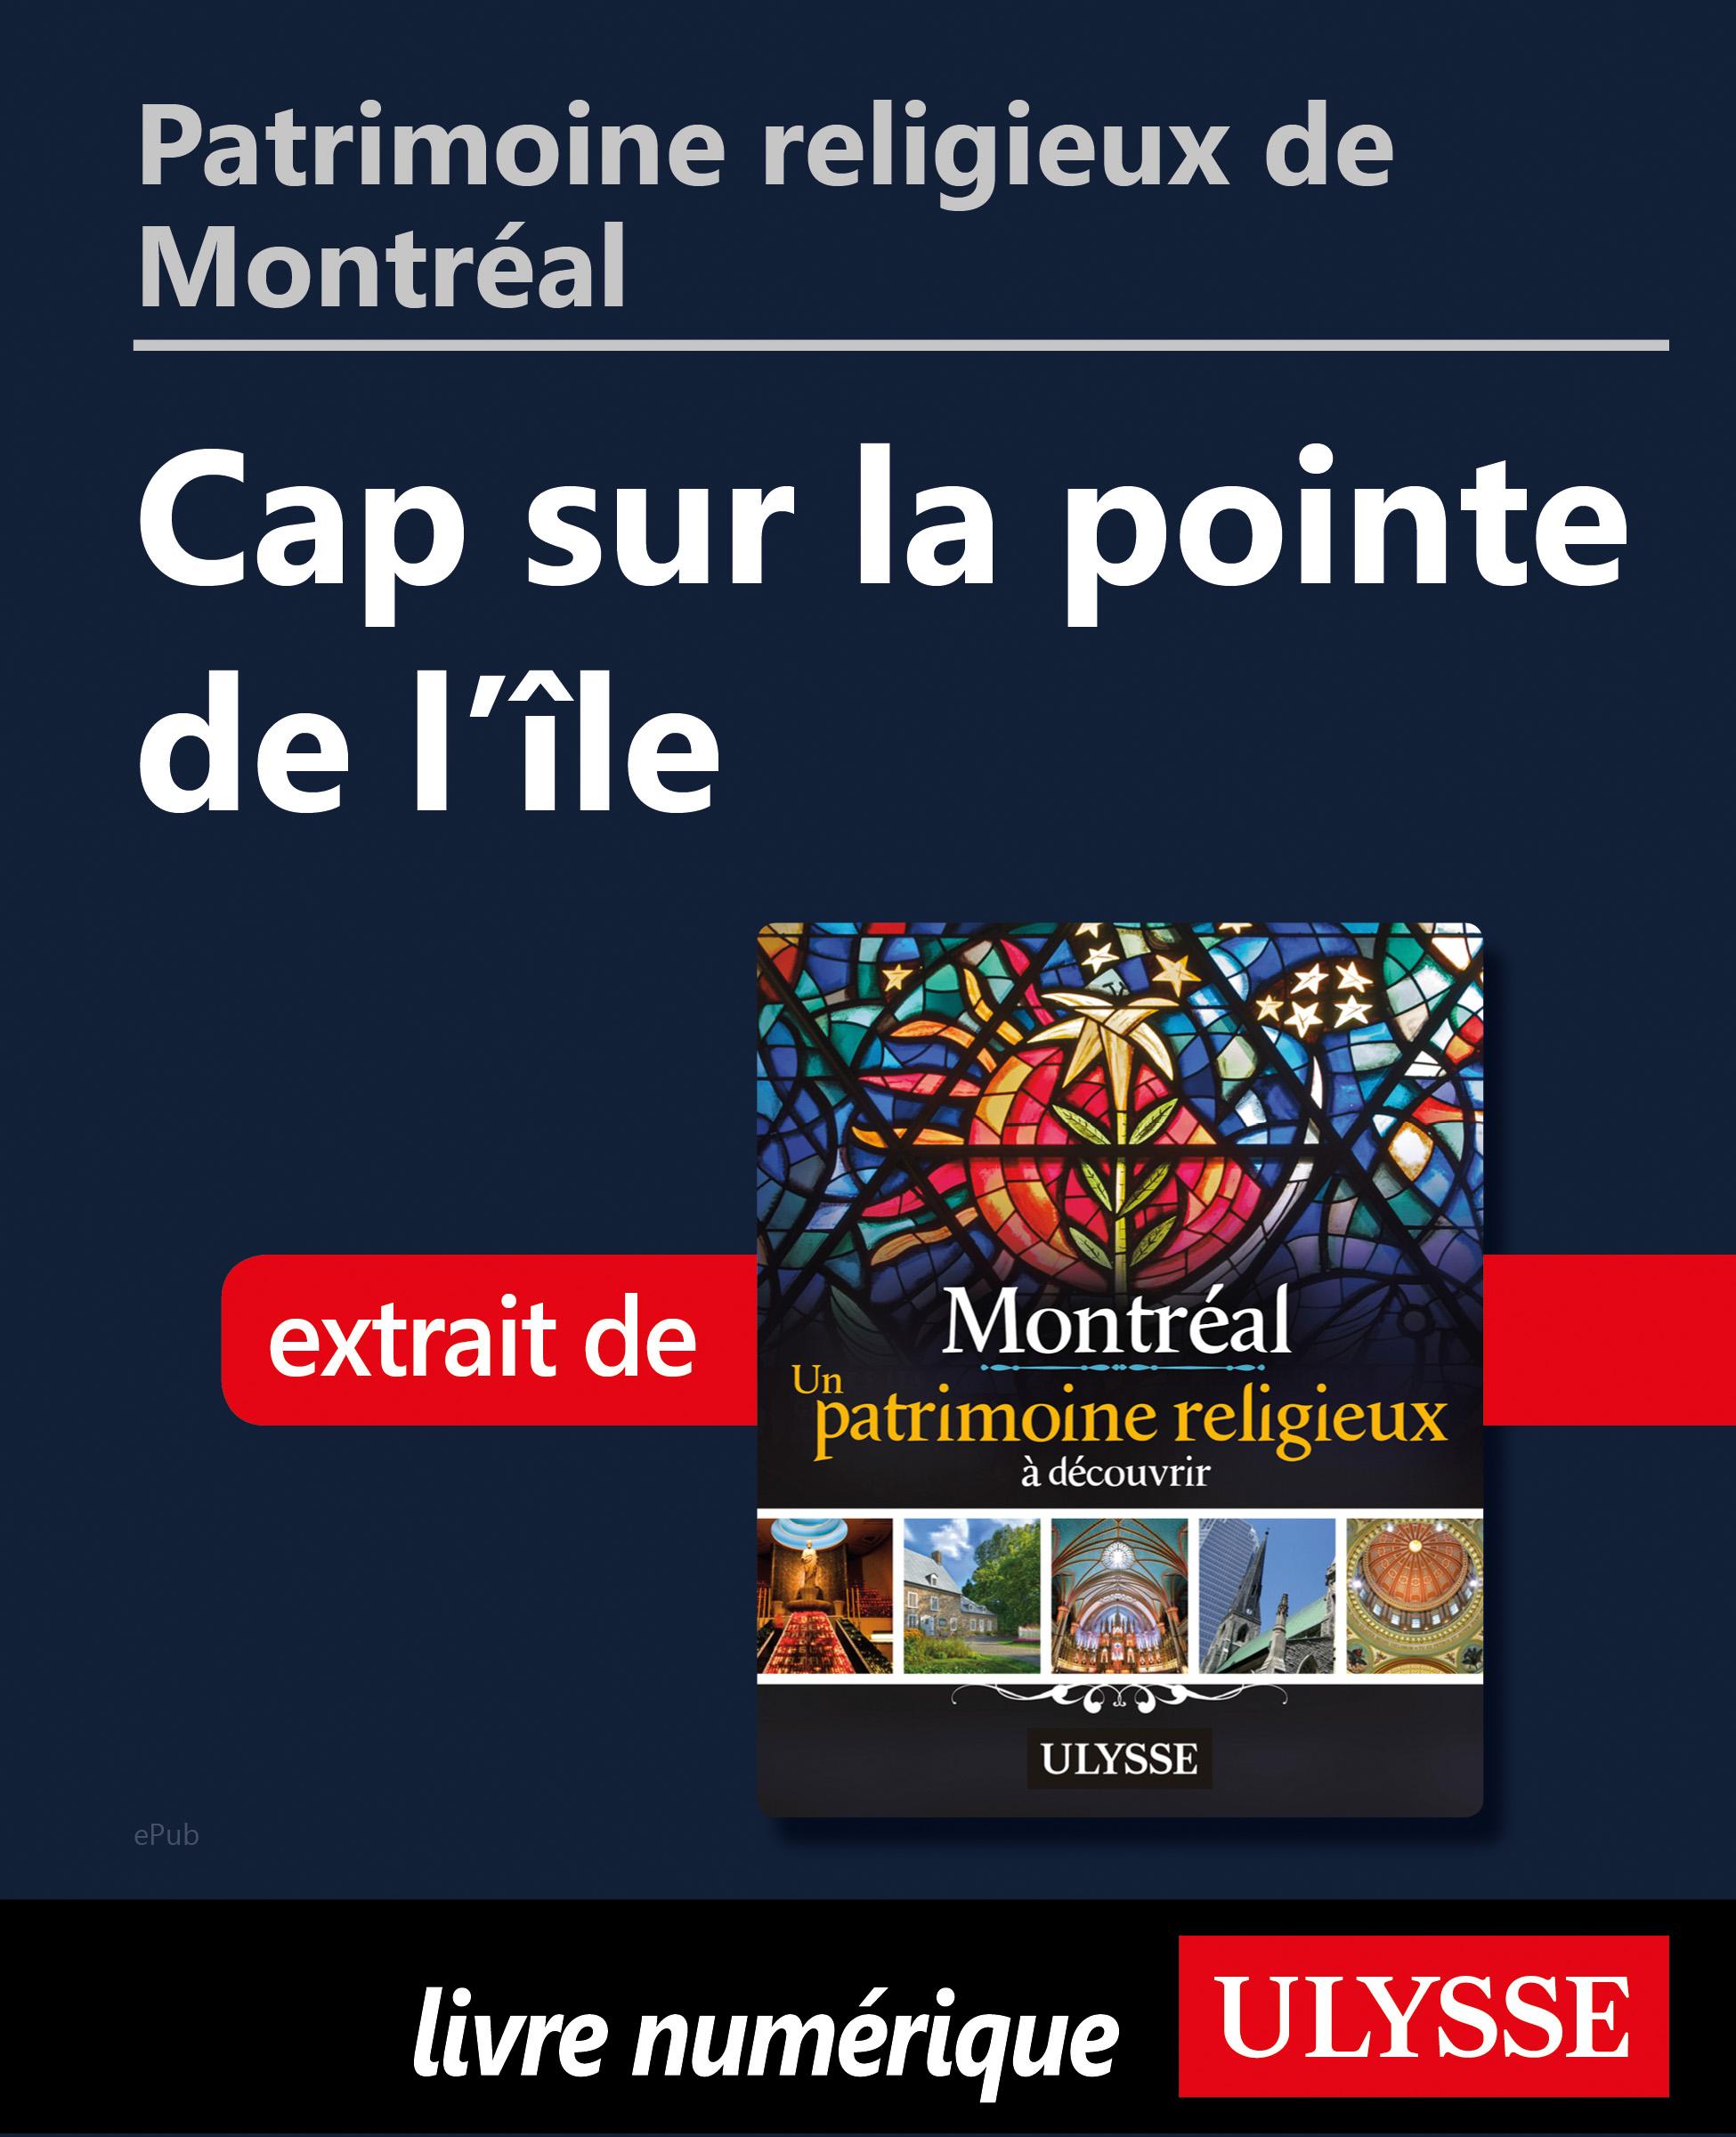 Patrimoine religieux de Montréal: Cap sur la pointe de l'île